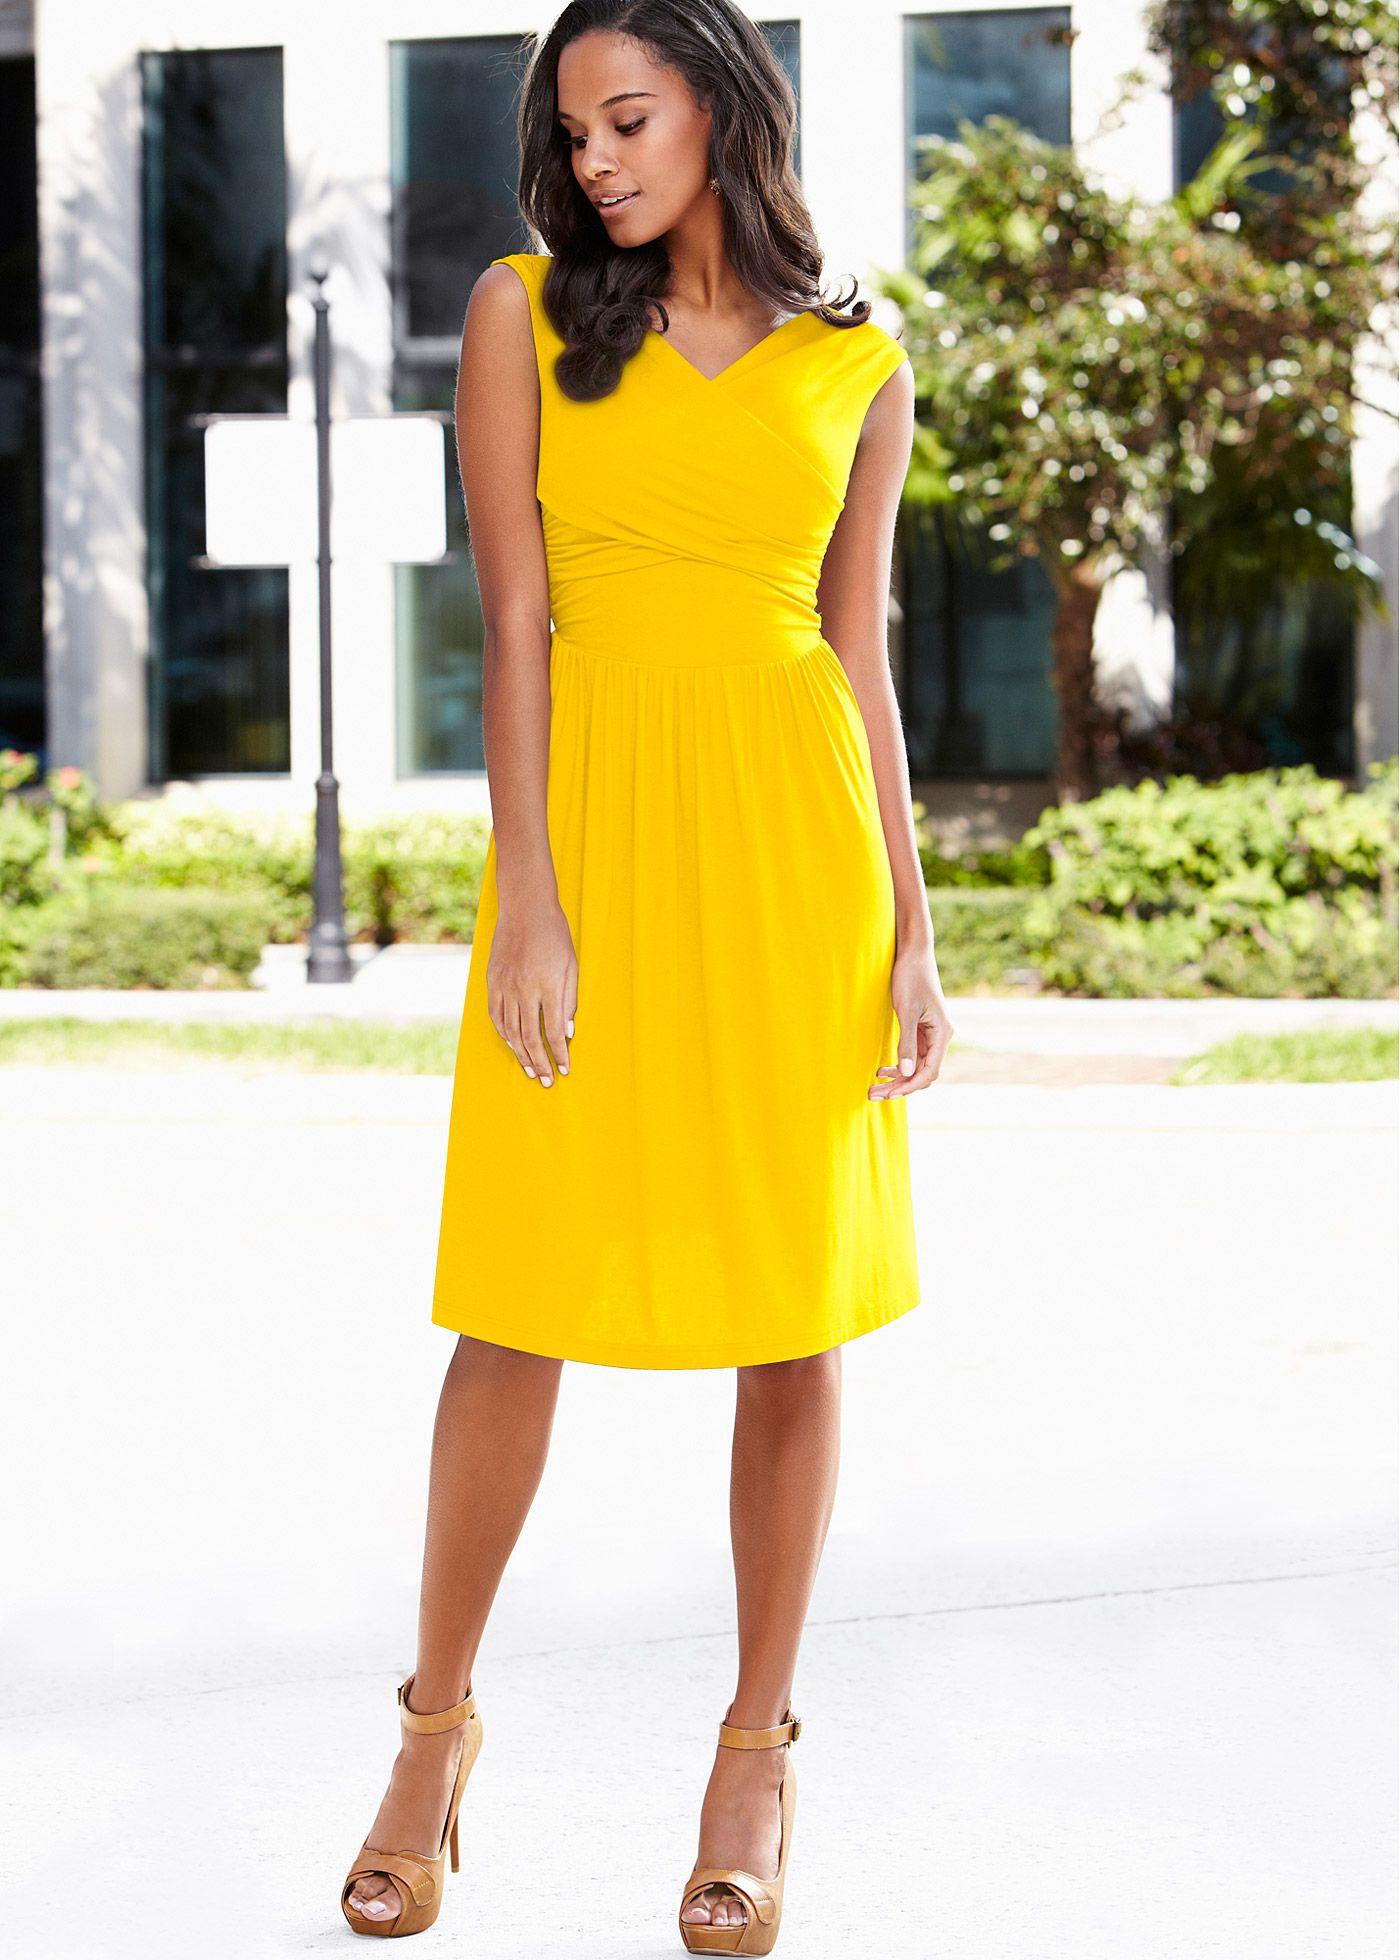 877570625 Vestido transpassado azul-escuro encomendar agora na loja on-line bonprix.de  R$ 89,90 a partir de Exala pura feminilidade! Vestido com decote  transpassado, ...